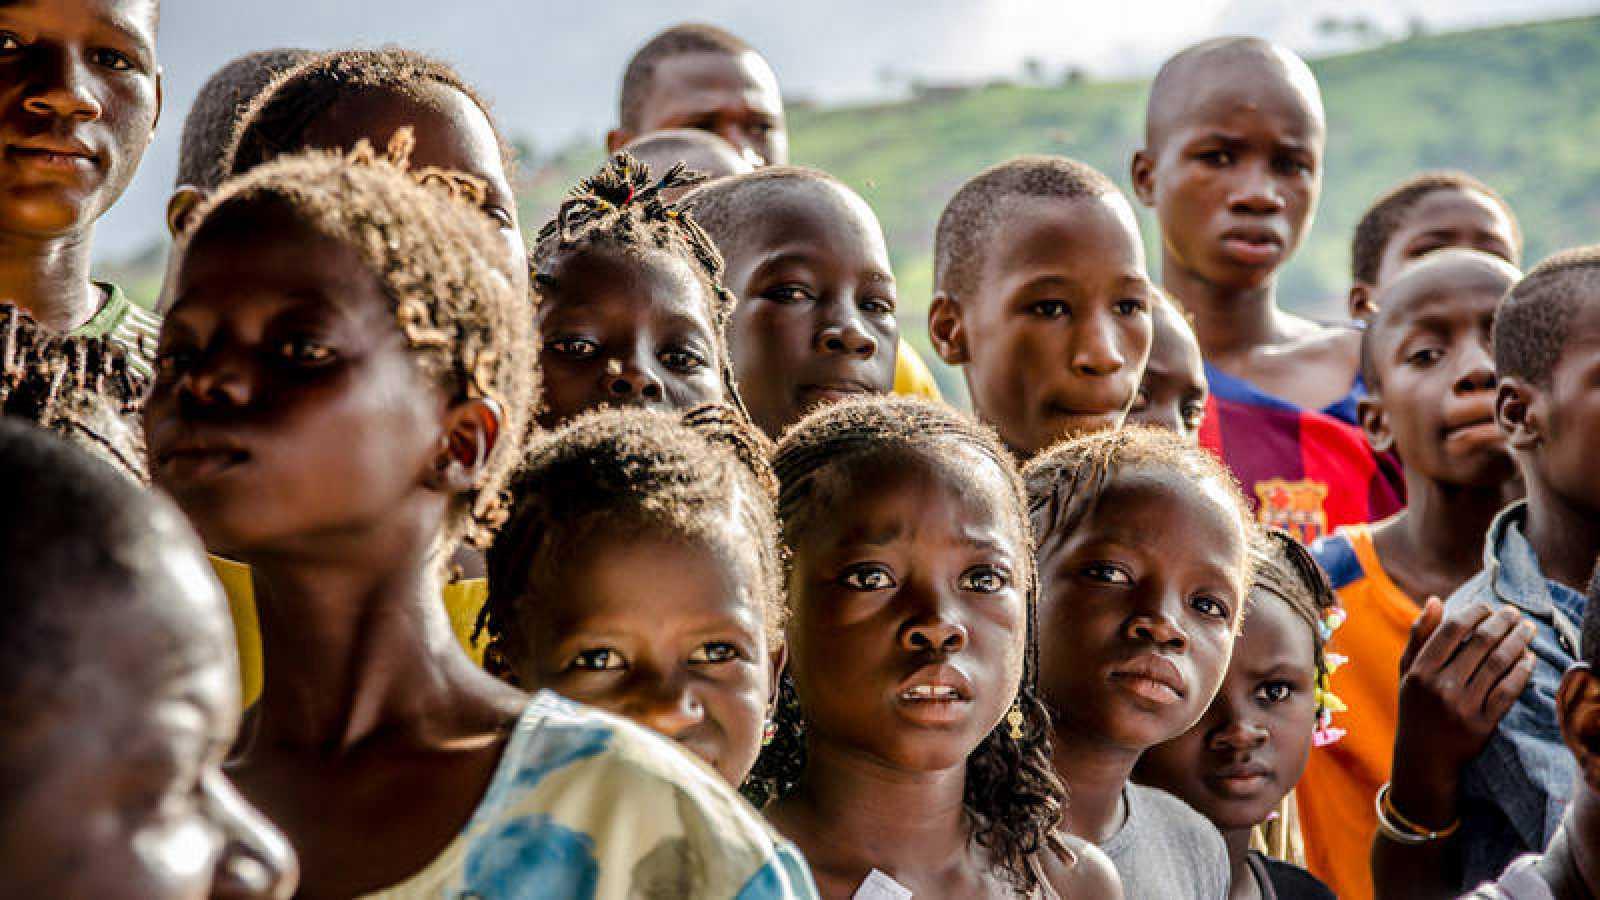 """Díez: """"Hay que hacer un llamamiento a la comunidad internacional y a las ONGs para que atiendan a las personas"""""""